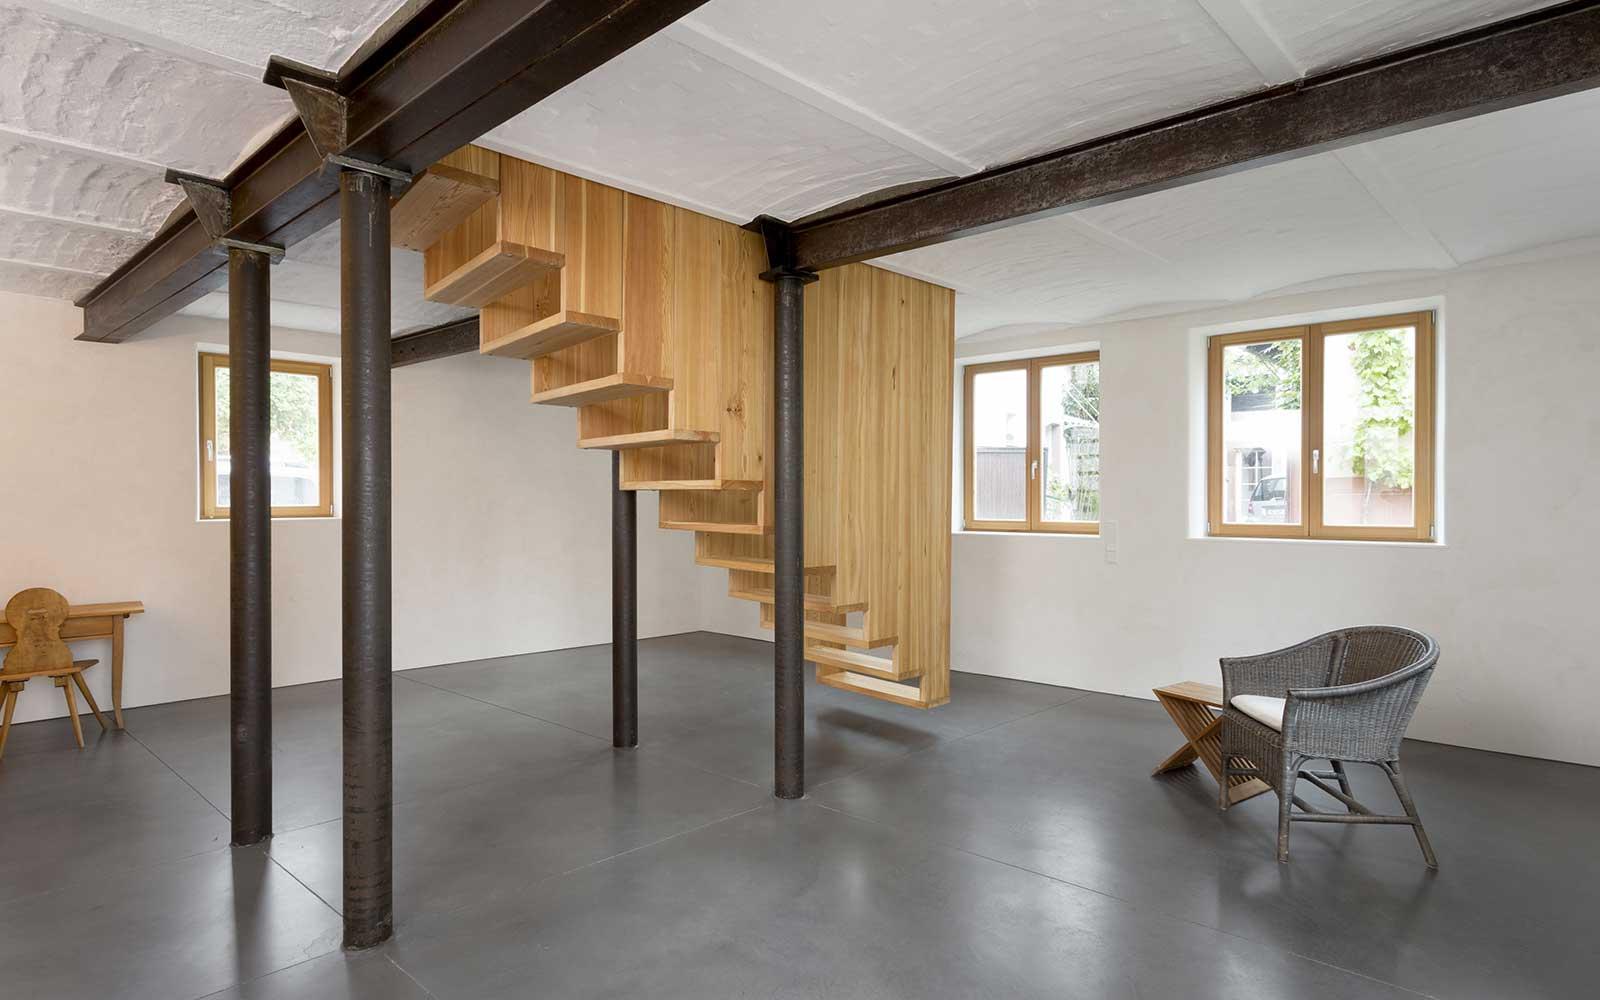 Vogelhaus Rohrbach, Architekt Heidelberg